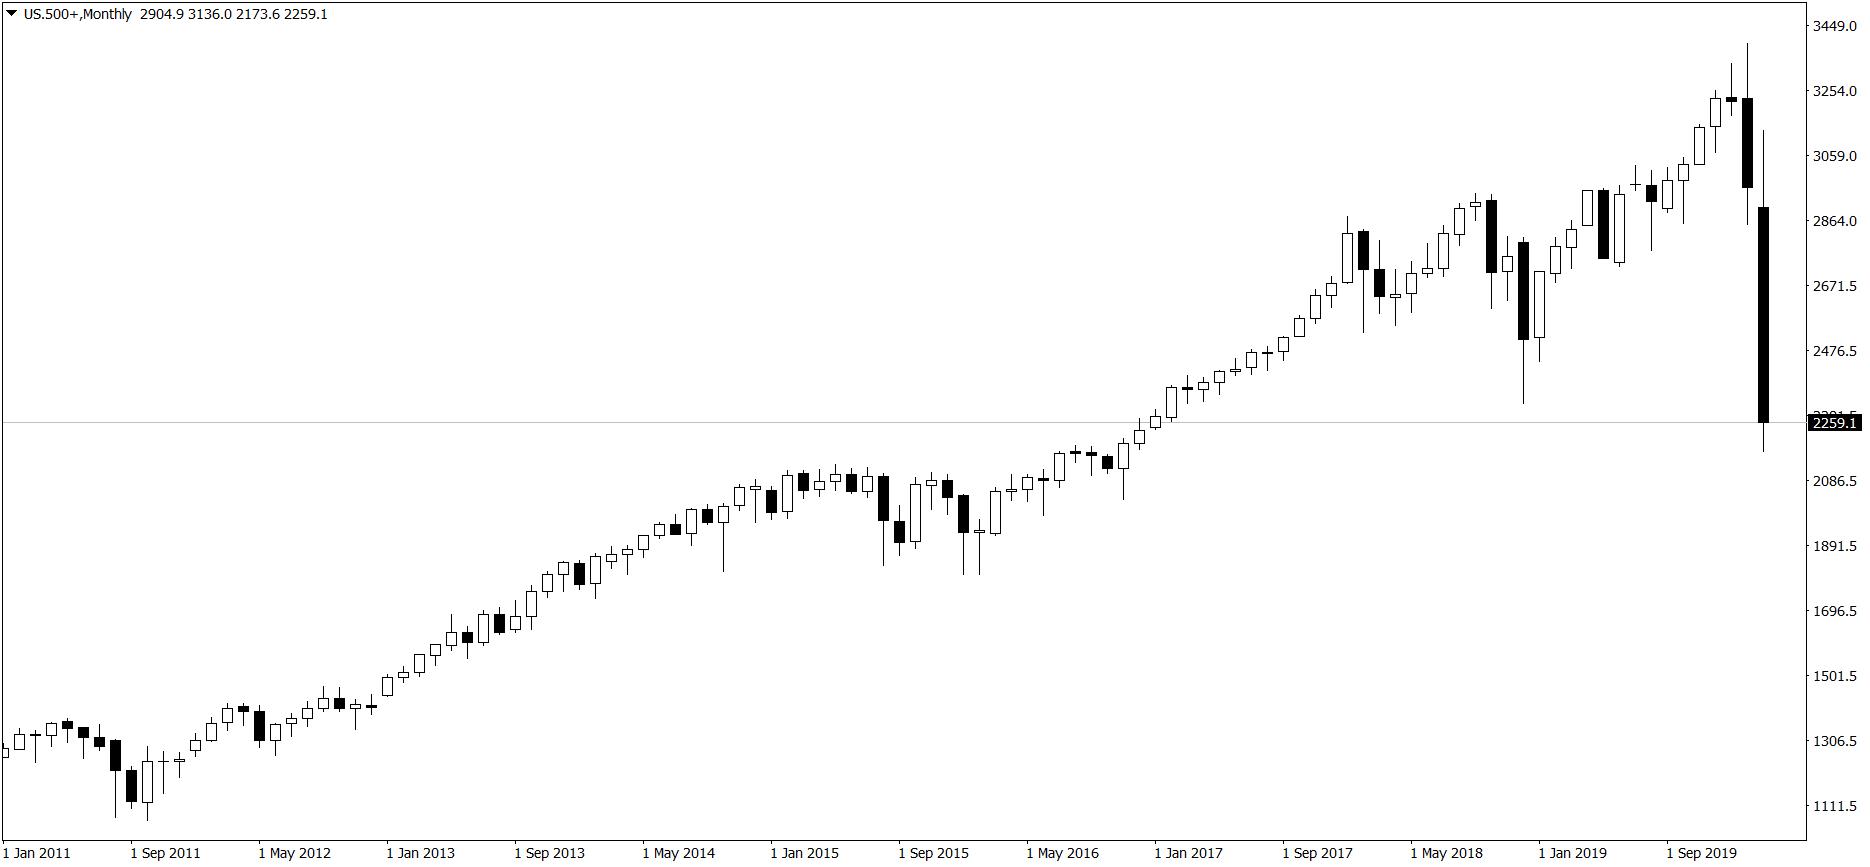 S&P 500 - wykres miesięczny